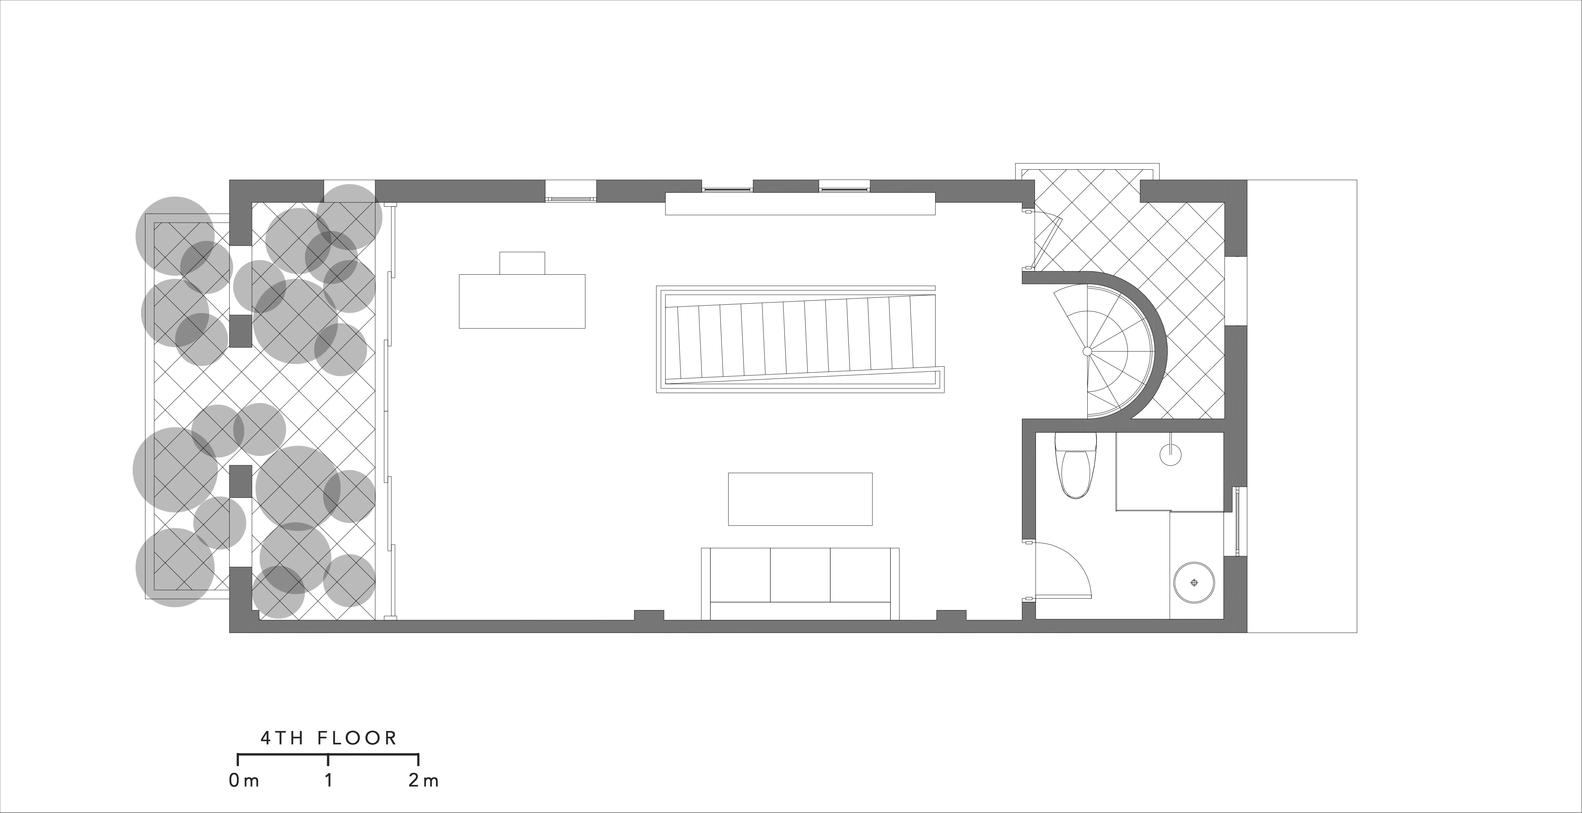 Bản vẽ thiết kế mặt bằng tầng 4